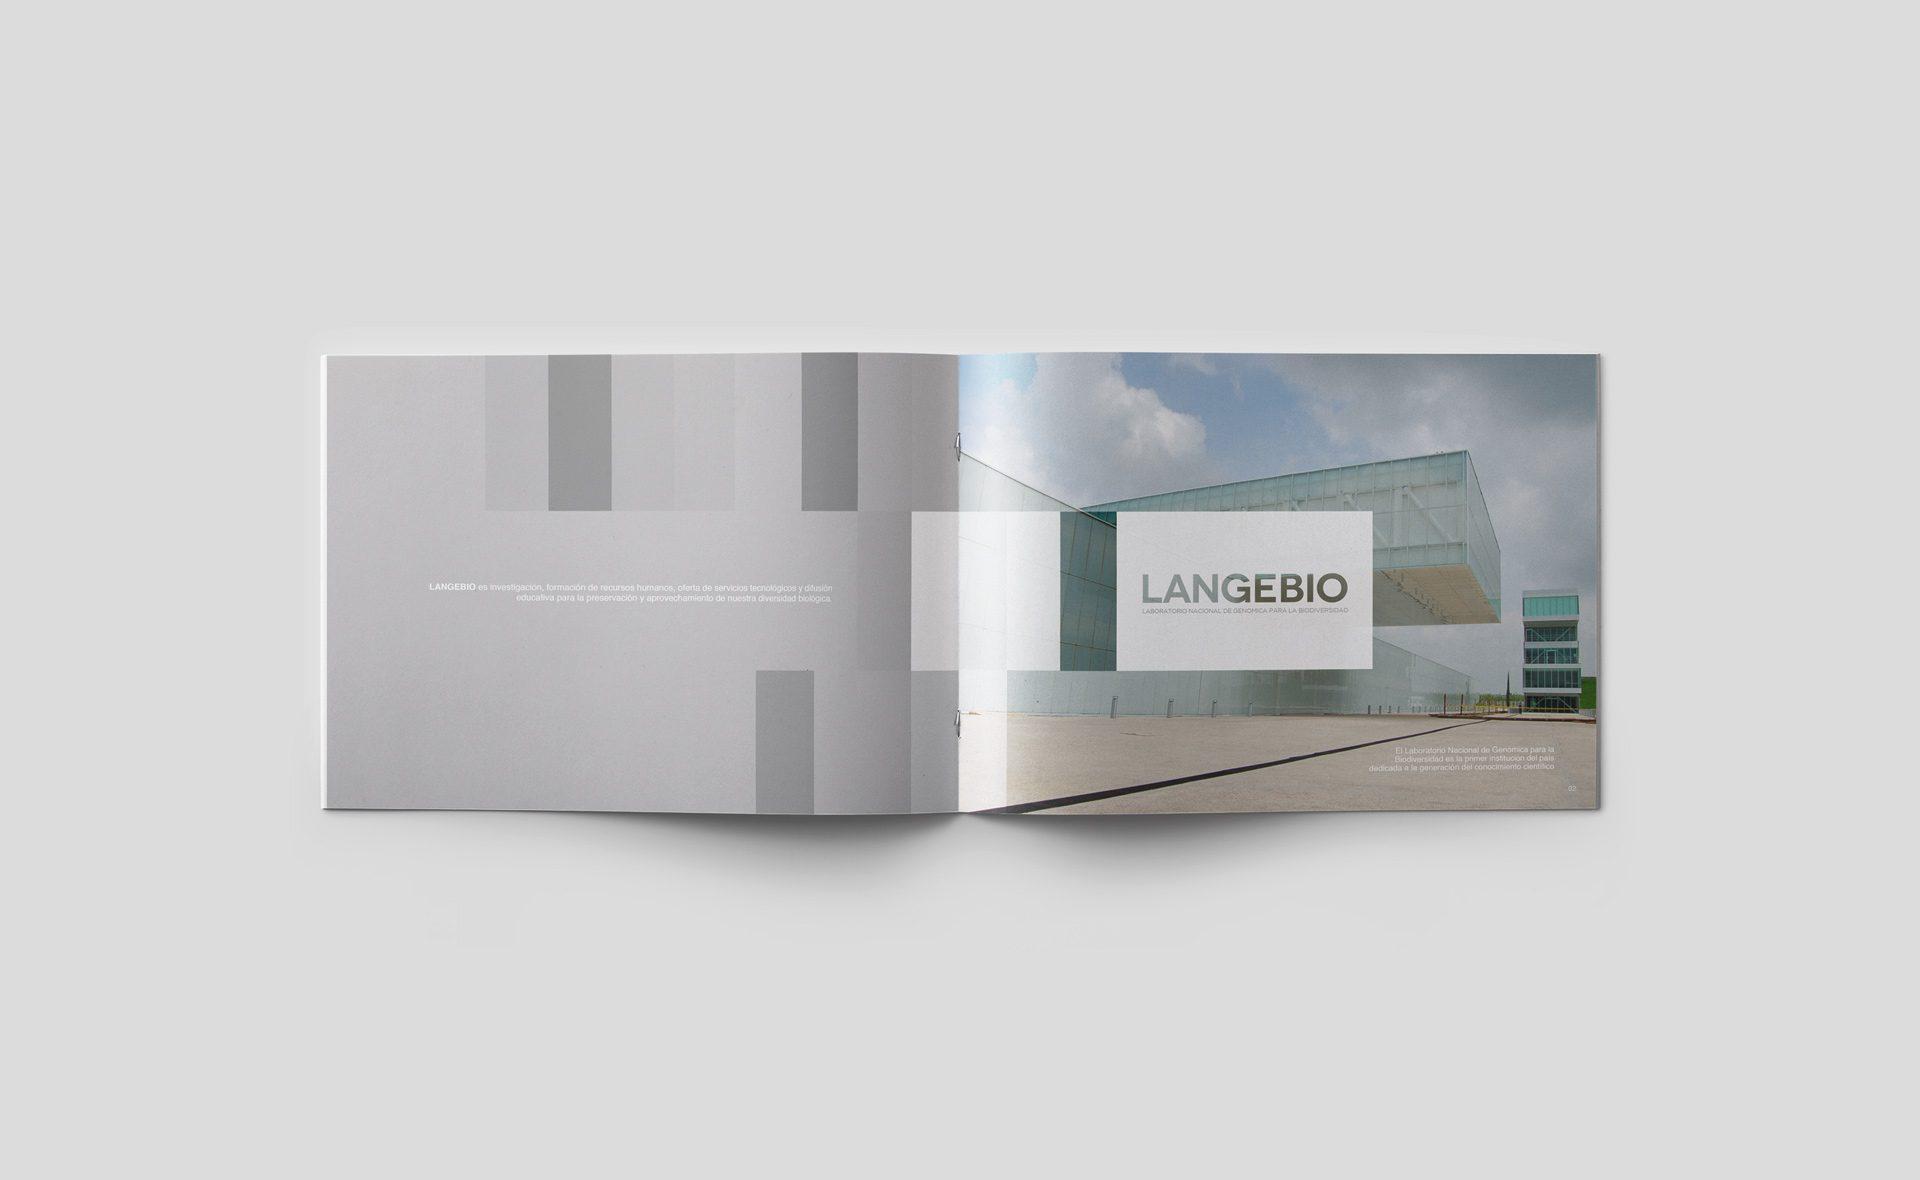 01_lan_catalogo_brochure_identidad_corporativa_marca_logo_guadalajara_buro3_agencia_publicidad